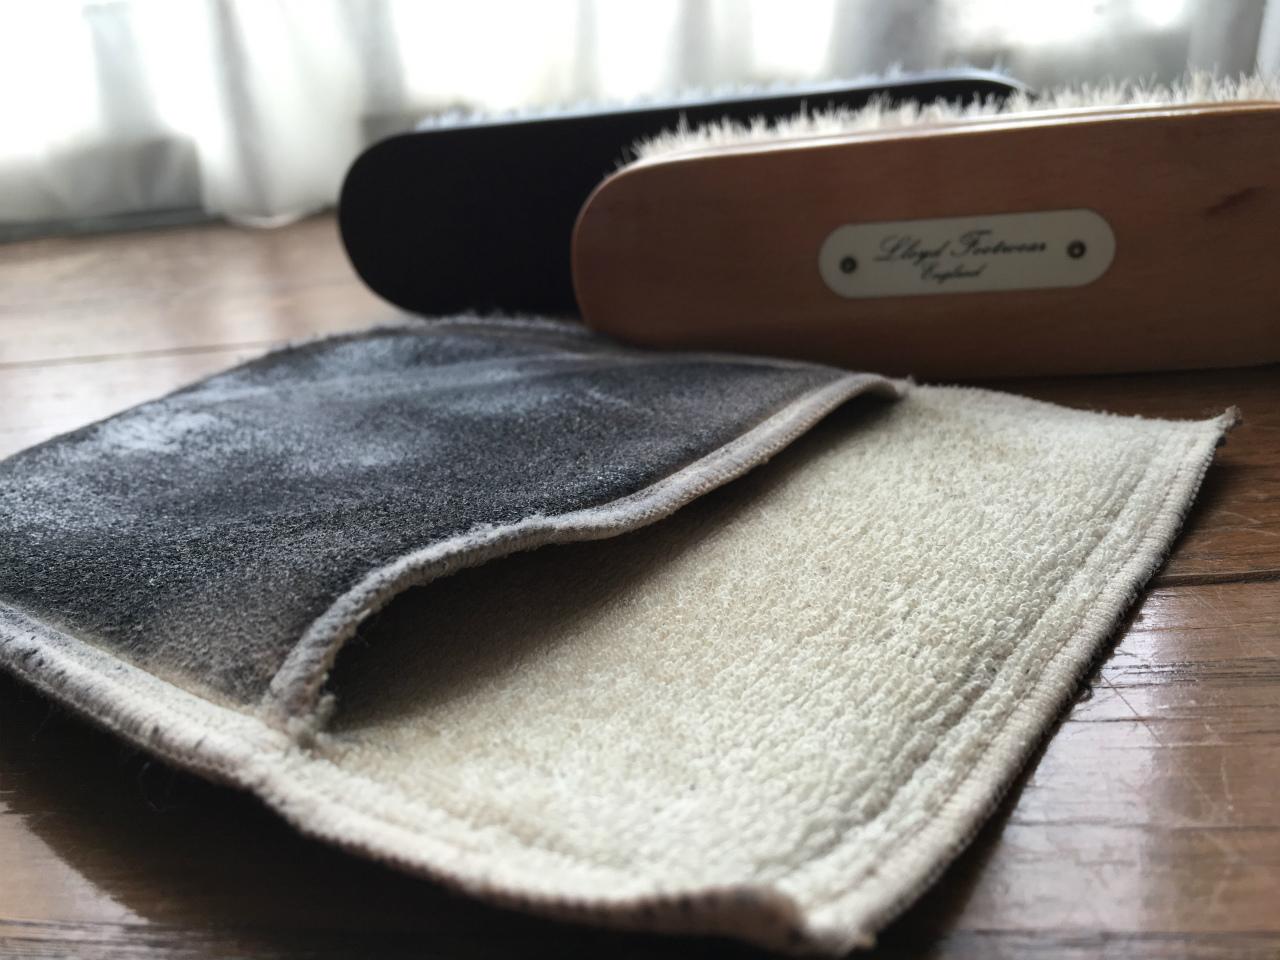 革靴のお手入れとは、ブラシとグローブ(布)だけ用意して、その日履いた靴を毎日1分だけ磨くこと。